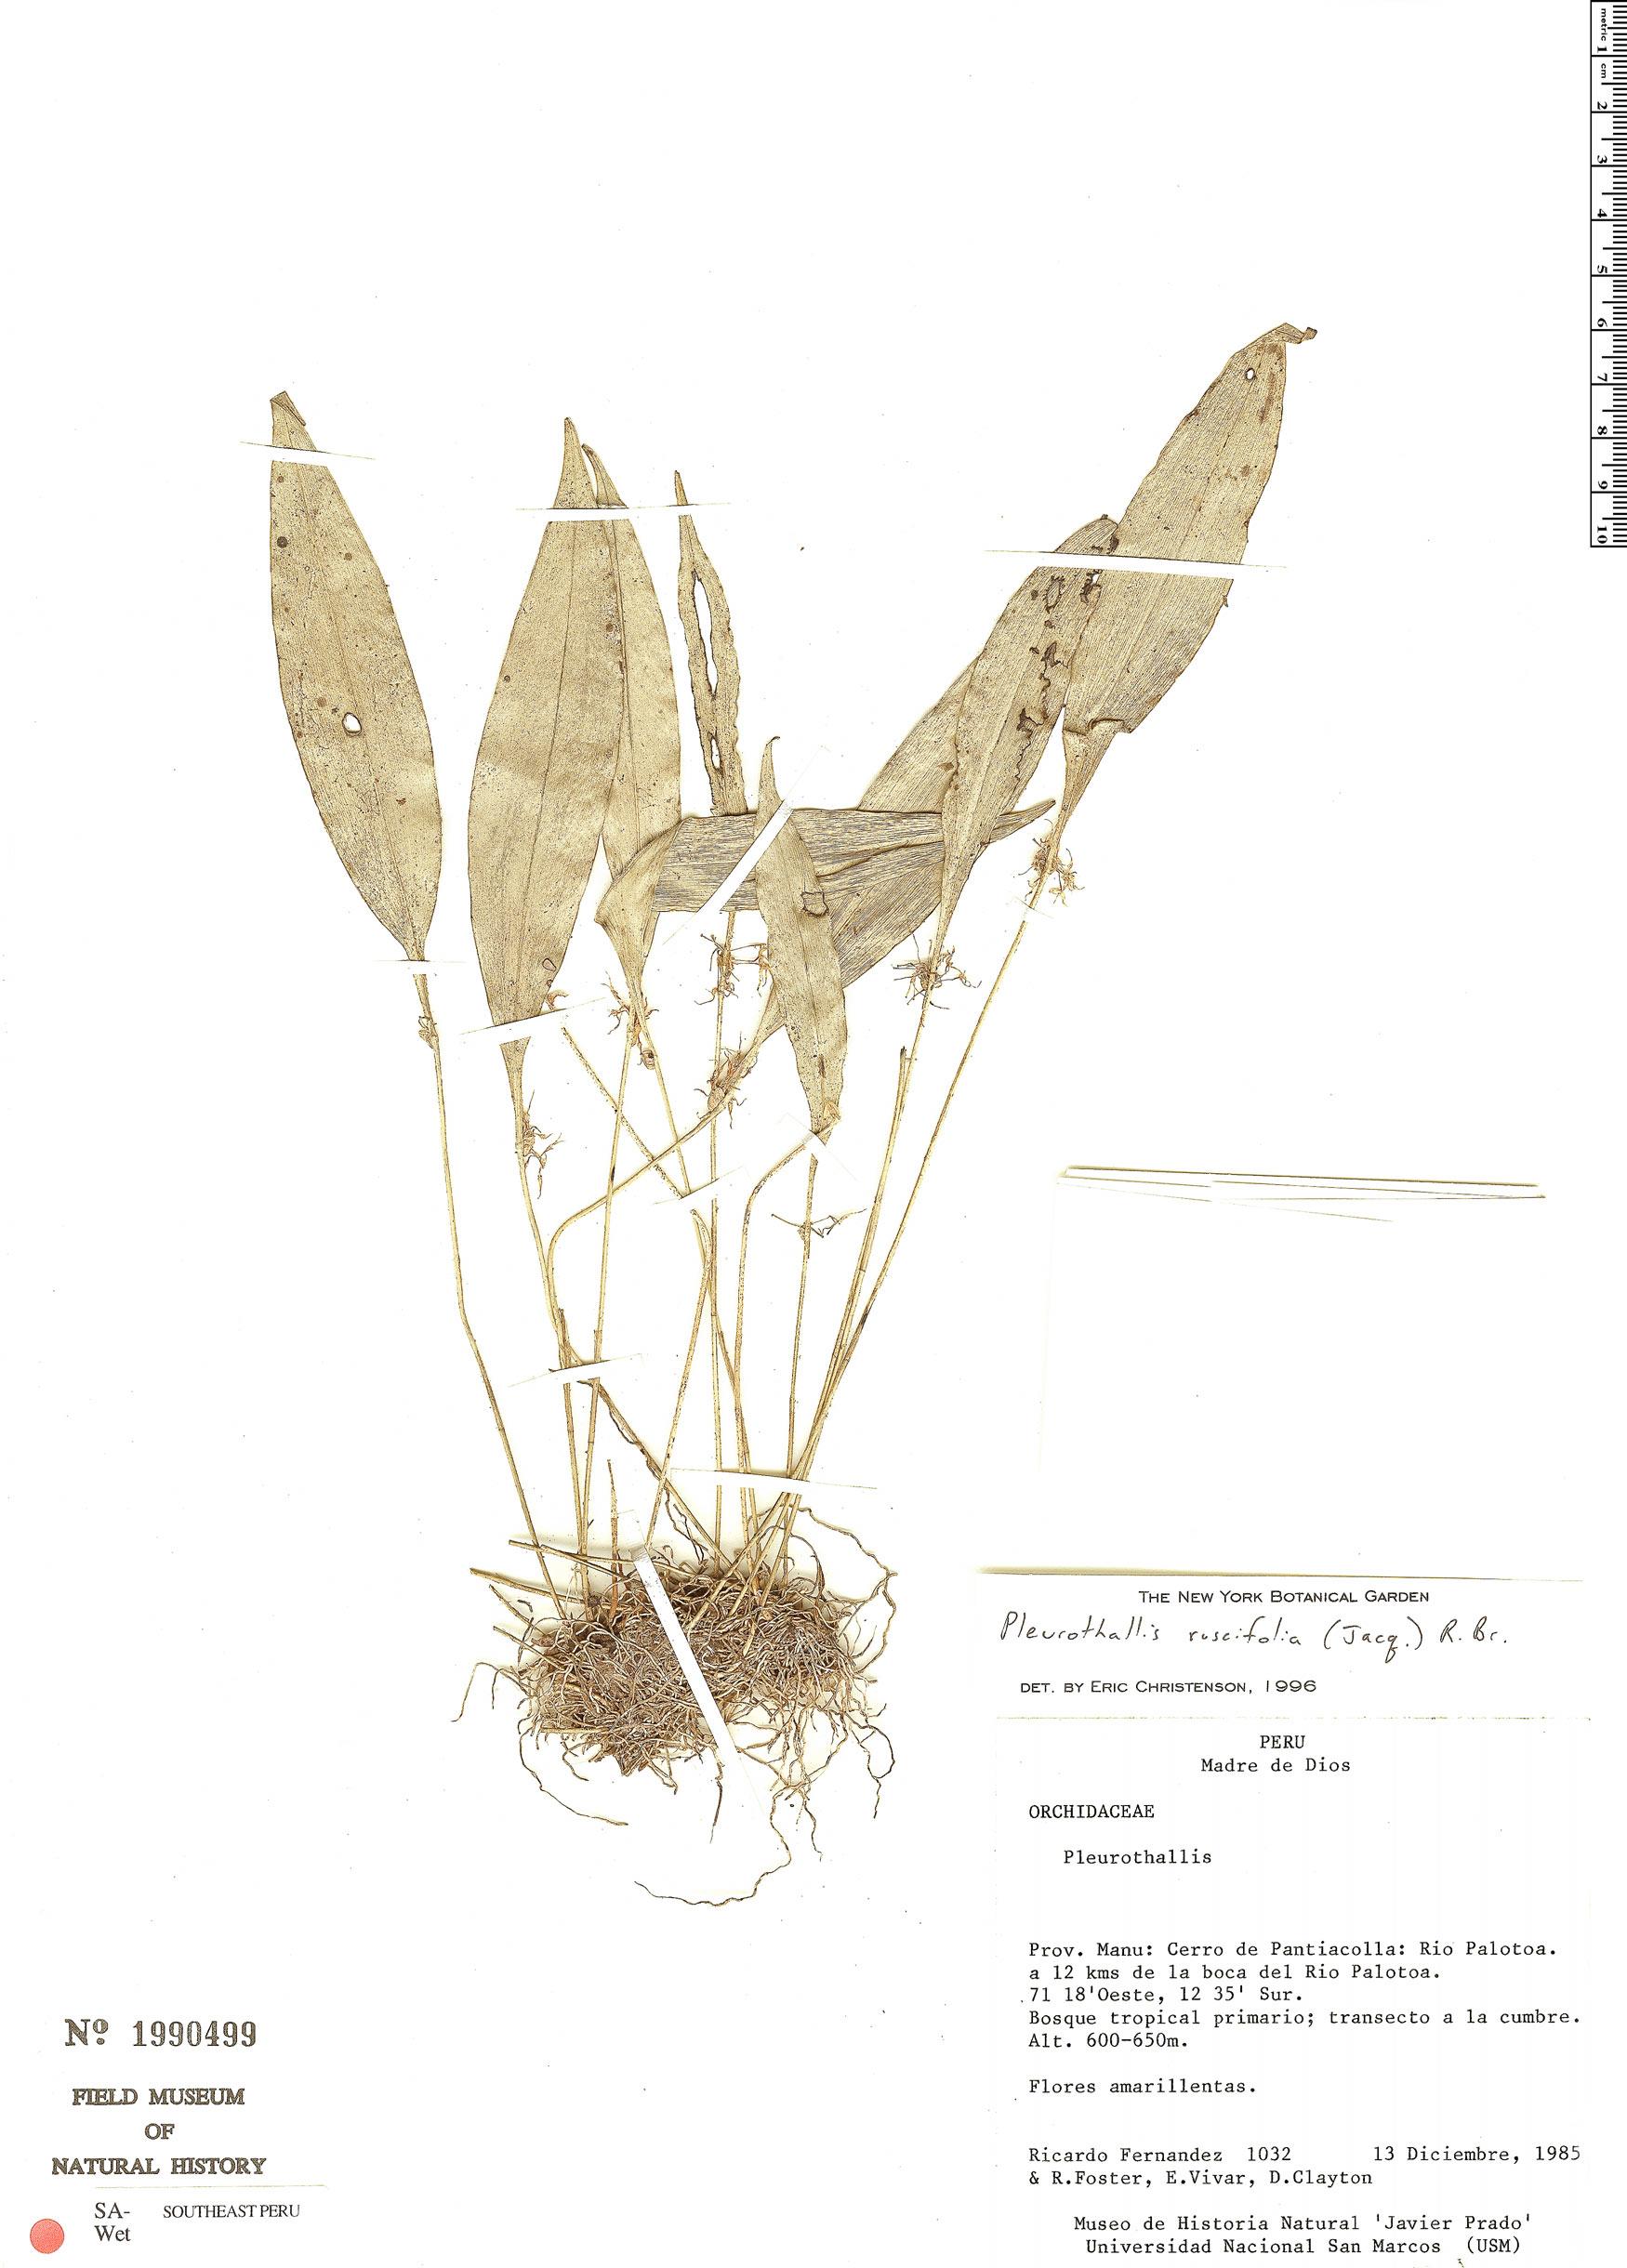 Espécime: Pleurothallis ruscifolia